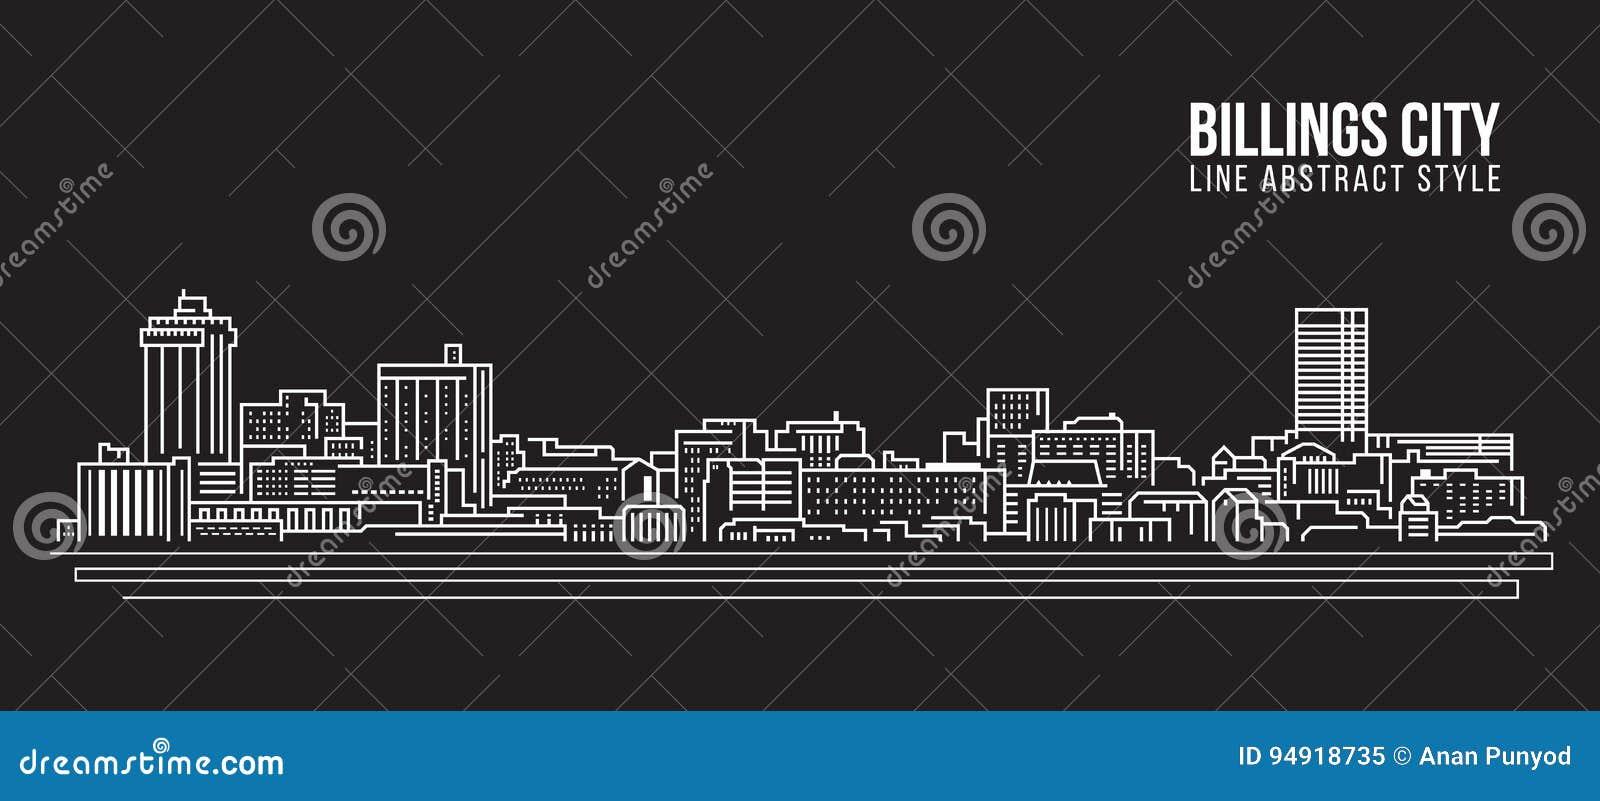 都市风景建筑限界艺术传染媒介例证设计-布告城市